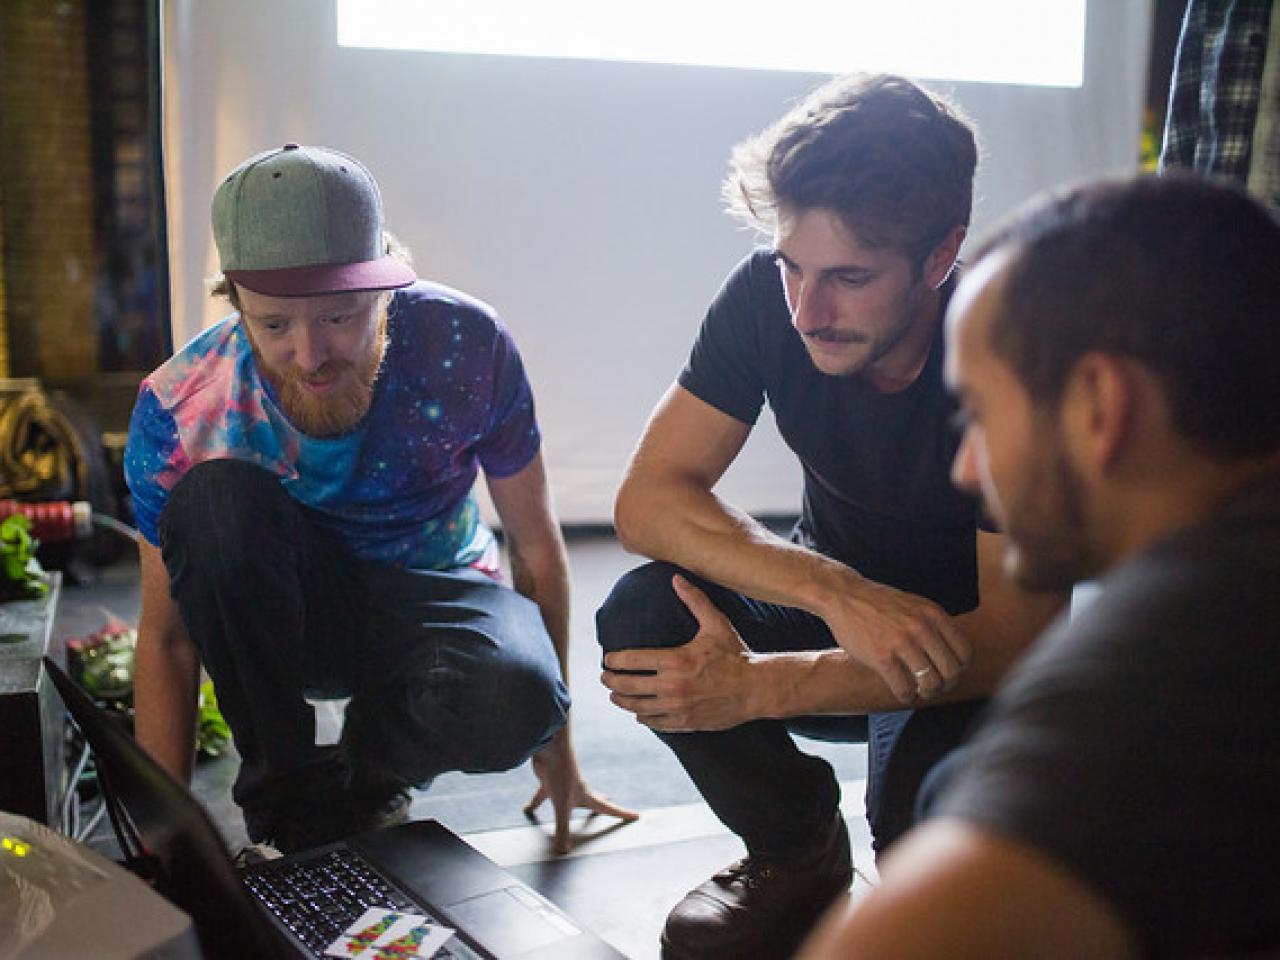 Jonge mannen om een laptop heen. Foto via SETUP Medialab Utrecht